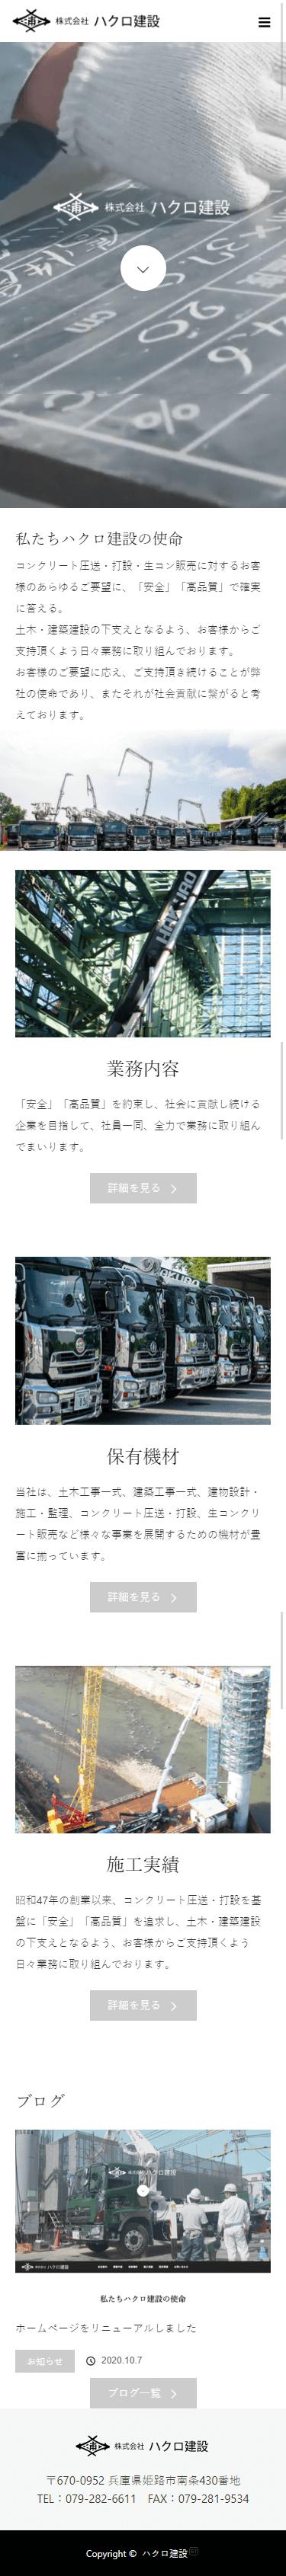 姫路市 株式会社ハクロ建設 ホームページ制作3